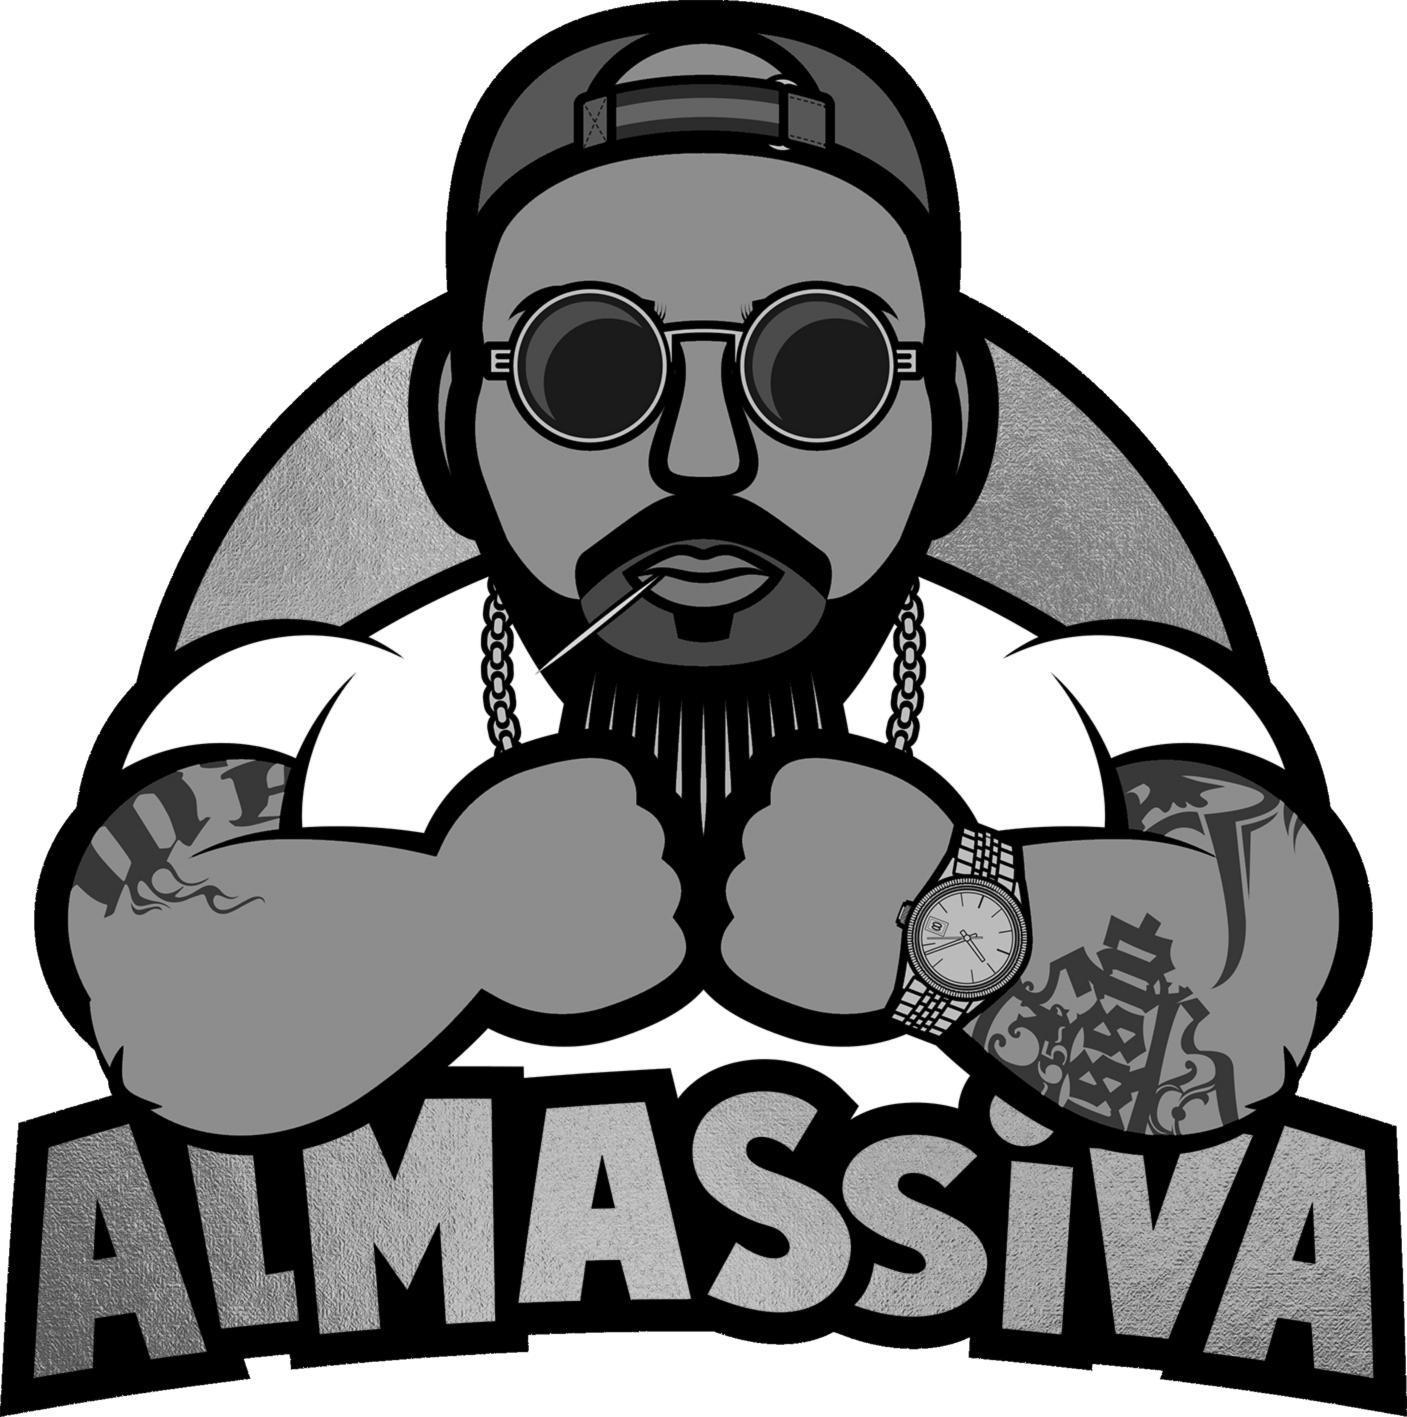 Bildmarke: Almassiva